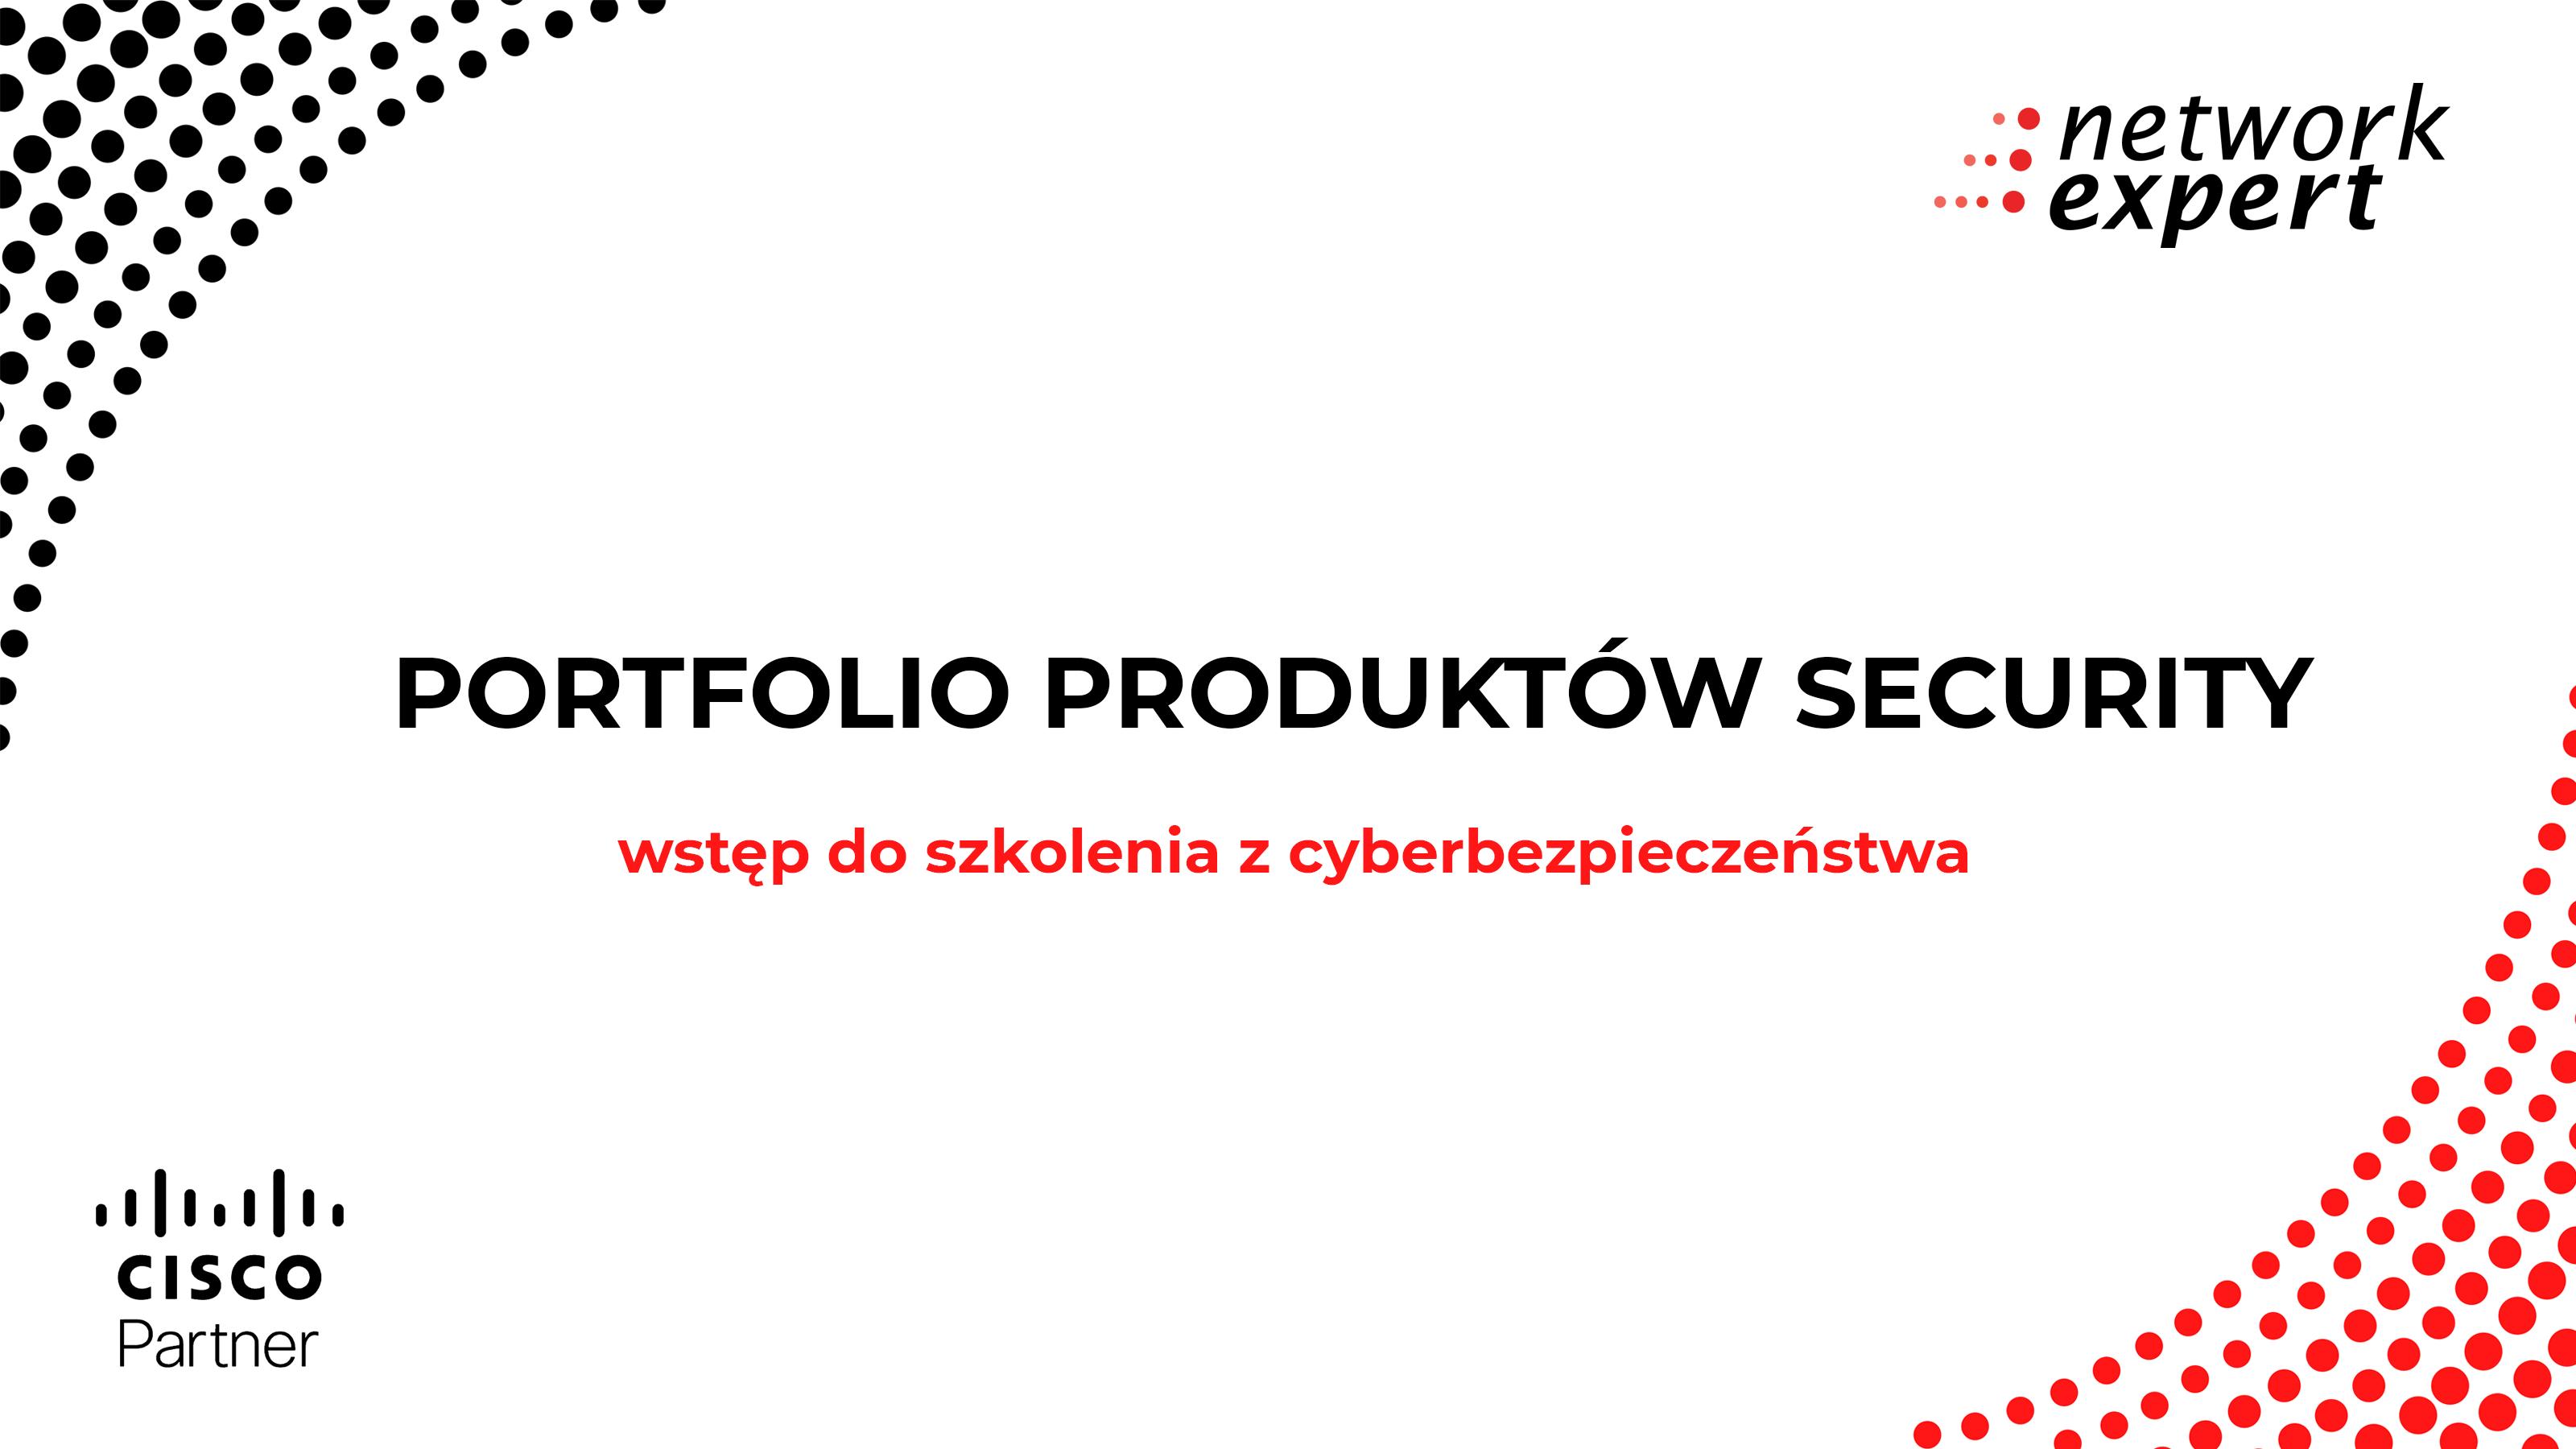 Portfolio produktów security - szerokie spojrzenie na bezpieczeństwo.